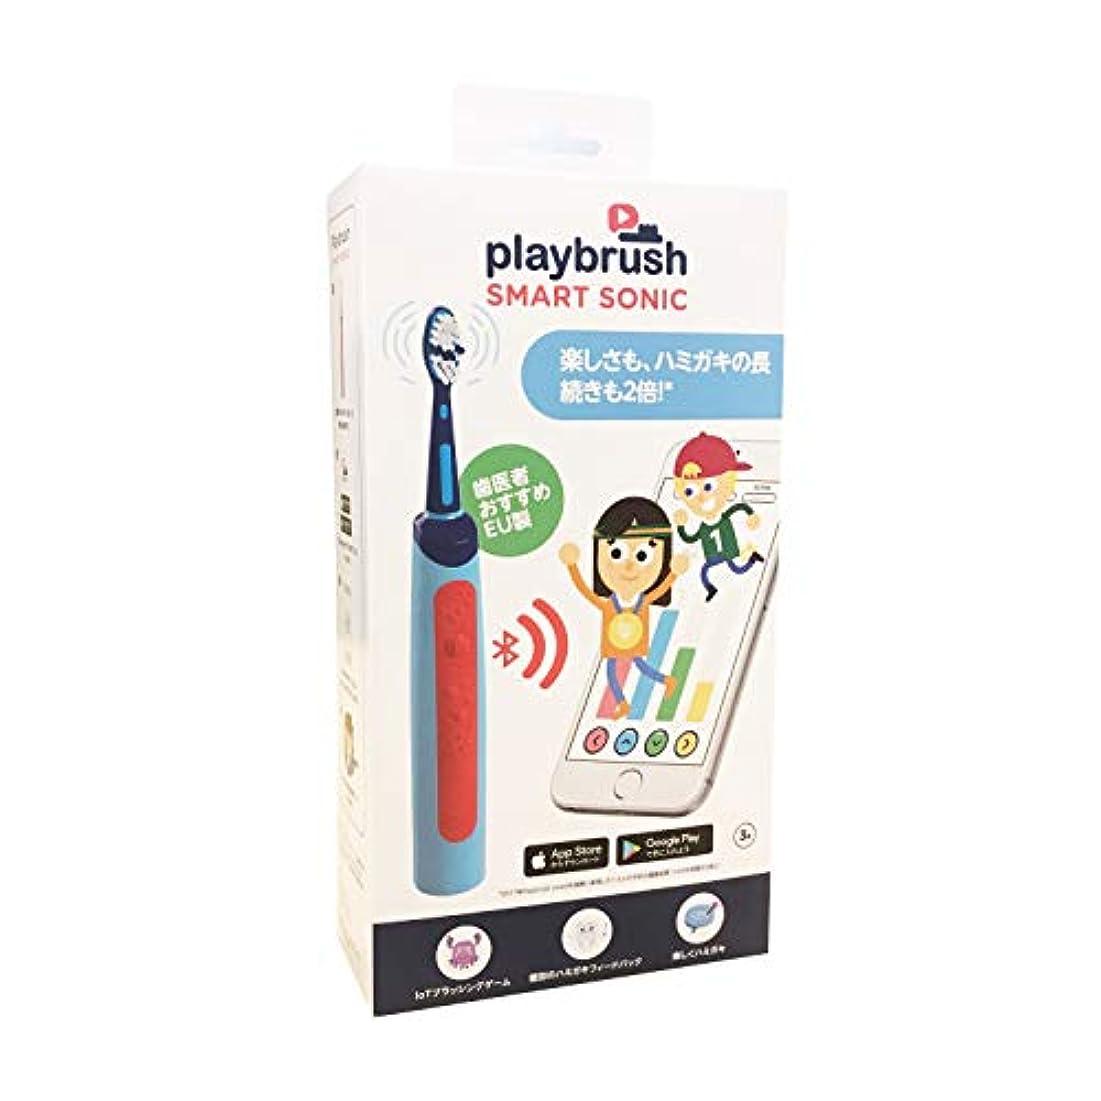 ディスク真似るトークン【ヨーロッパ製 アプリで正しいハミガキを身につけられる子供用 知育歯ブラシ】プレイブラッシュ スマート ソニック Playbrush Smart Sonic 子供用電動歯ブラシ 子供用